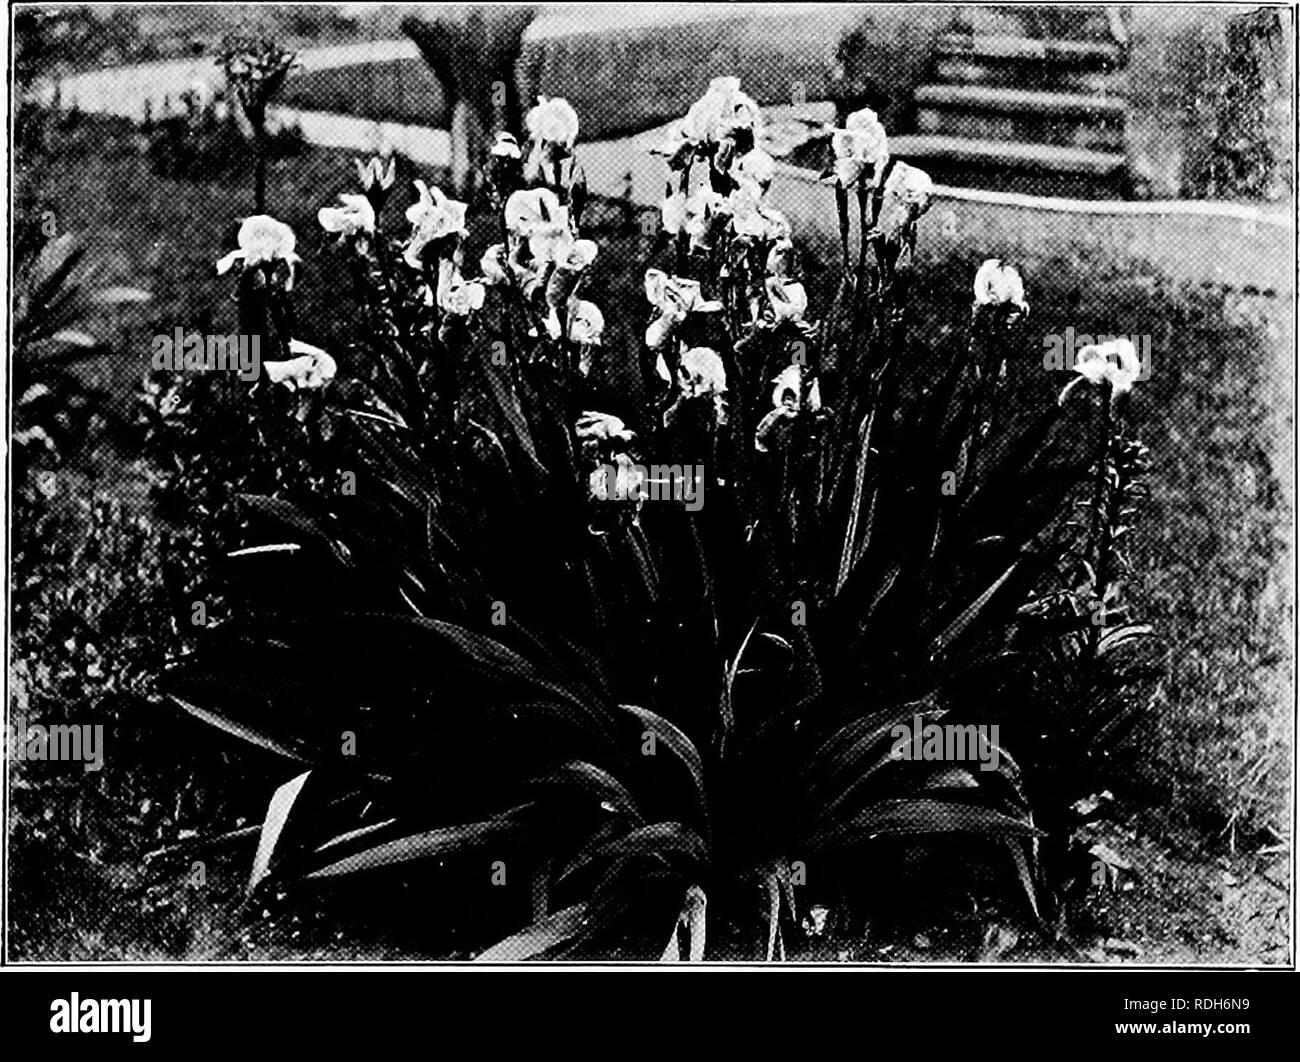 434968661e06a A year's gardening. Gardening. IN A SUBURBAN GARDEN. Bush of White  Michaelmas .